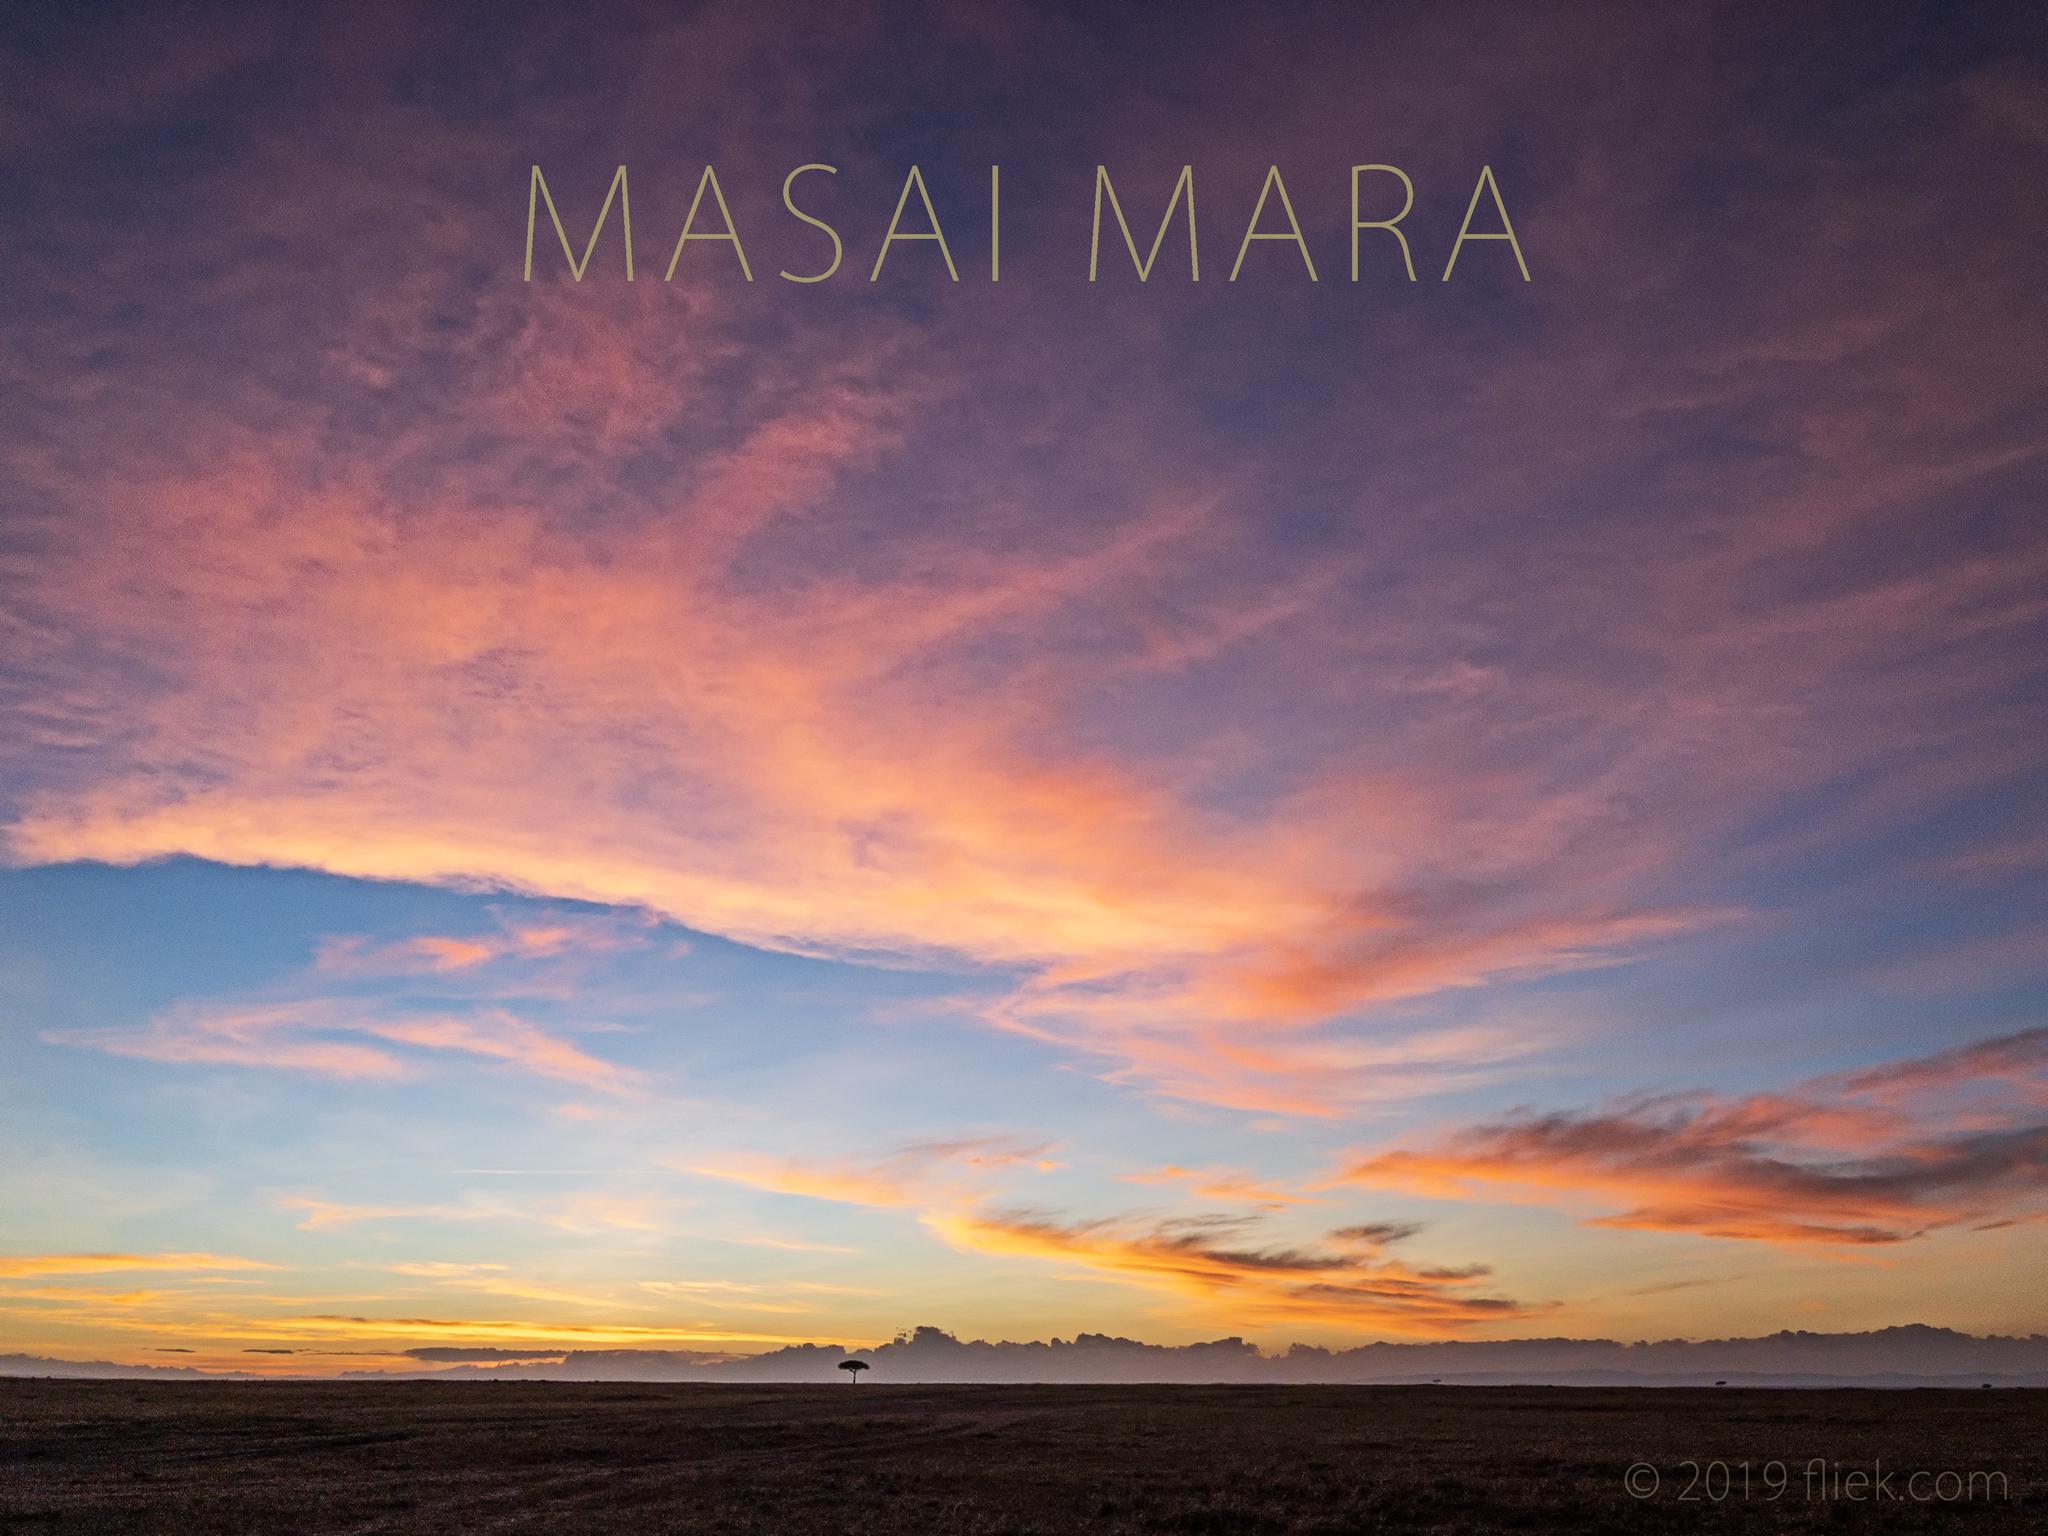 The Masai Mara Series